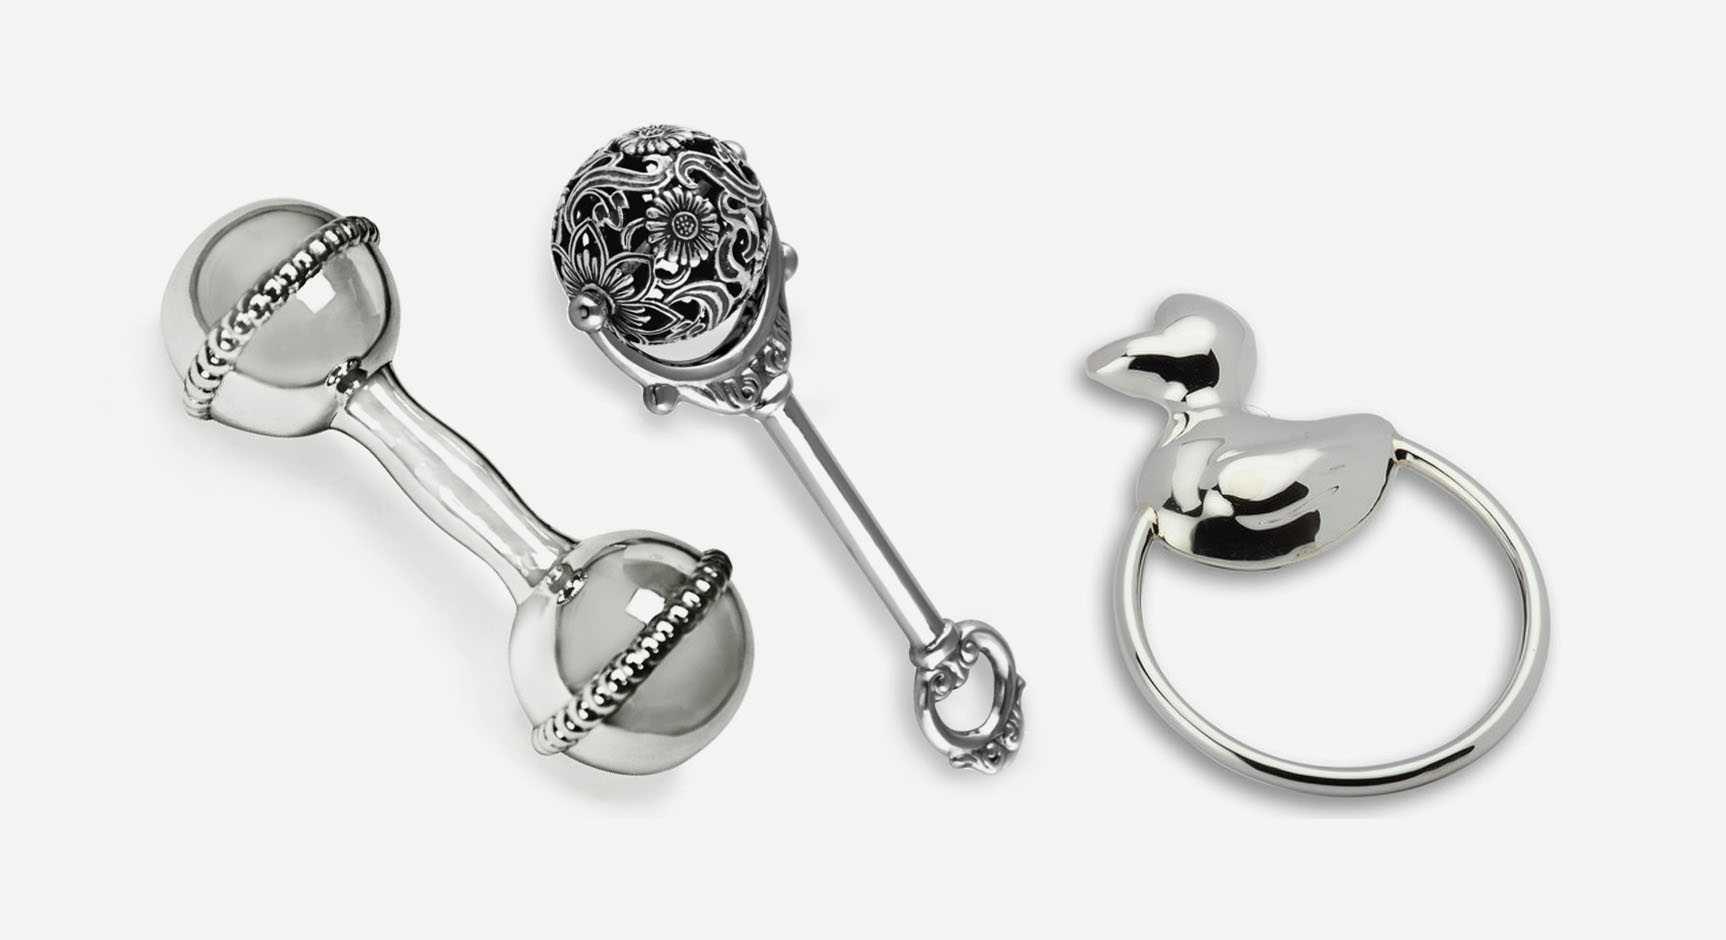 Серебряная погремушка: детские модели из серебра для новорожденных, tiffany, набор с ложкой